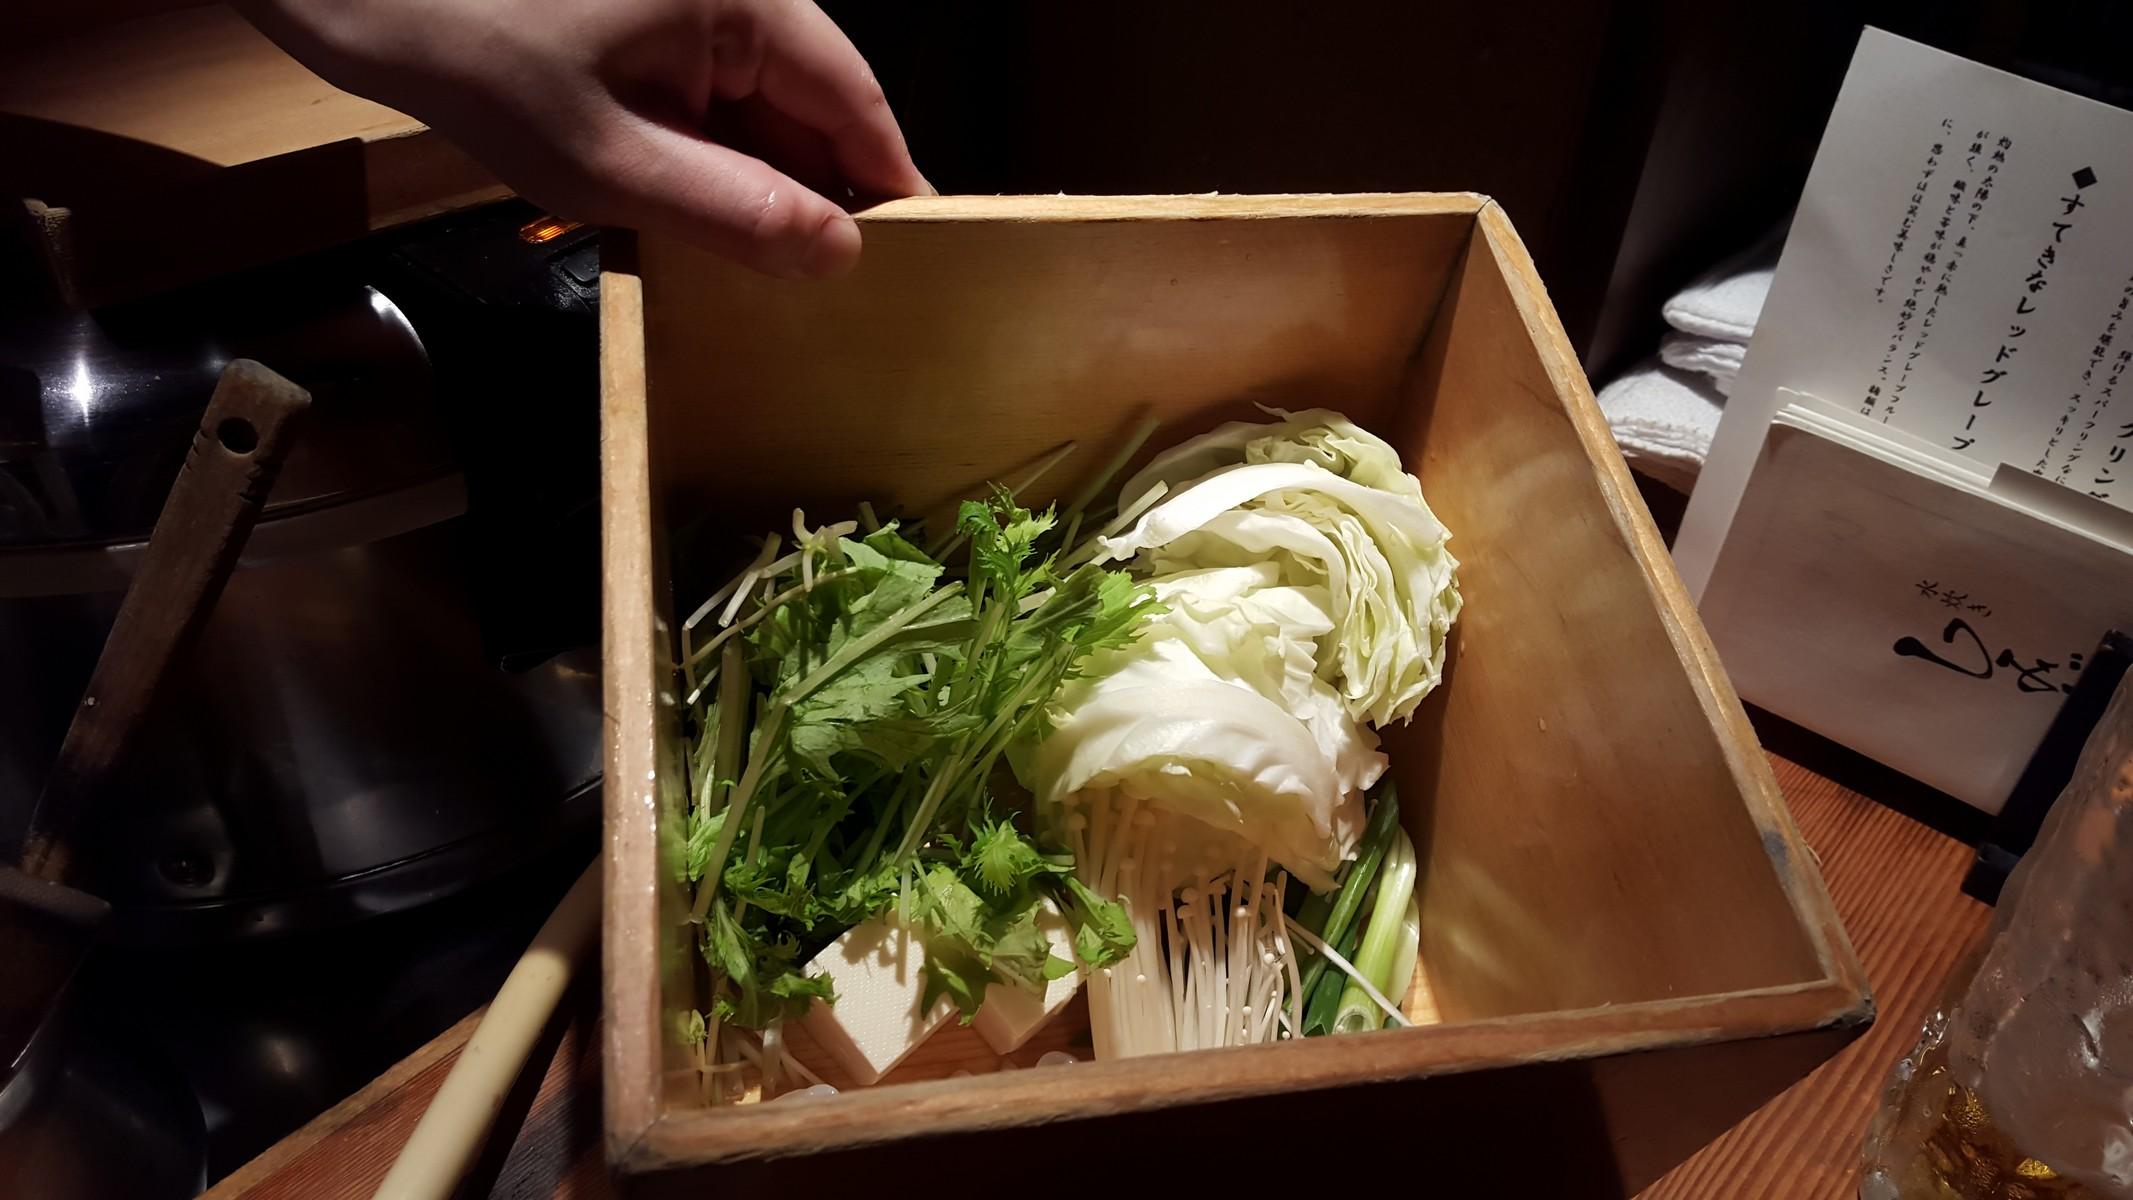 水炊きの具材・野菜【しみず/中目黒】